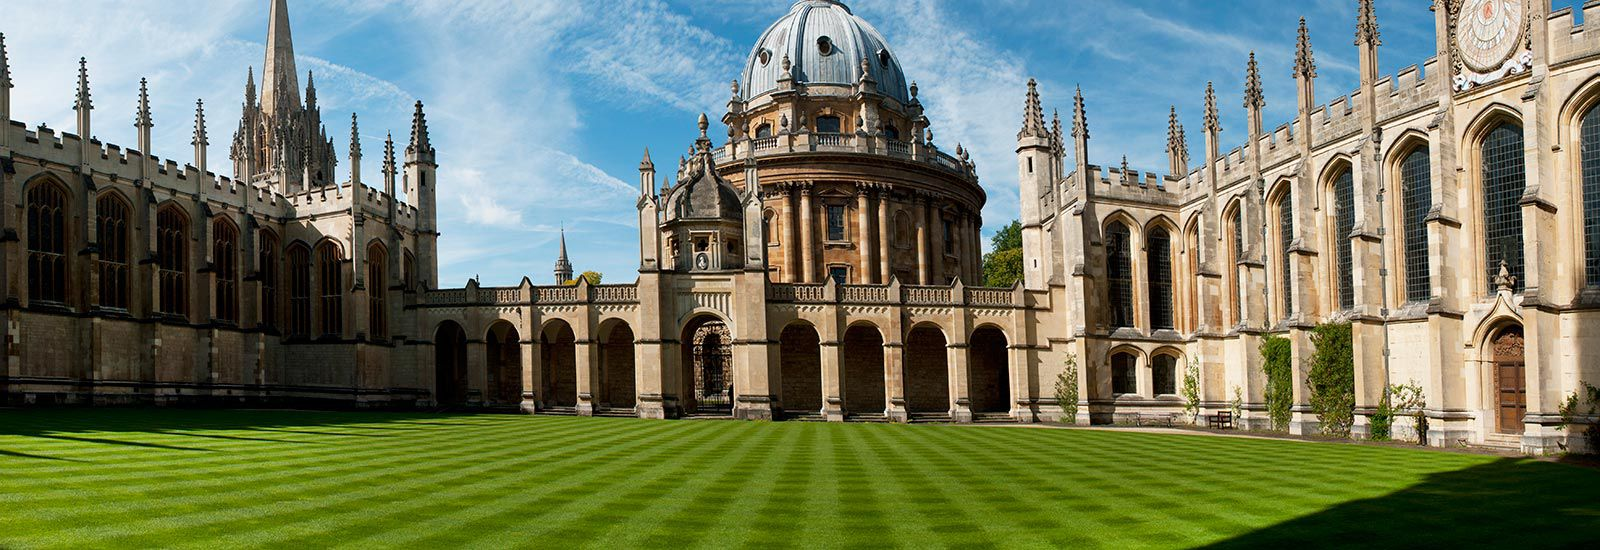 ¿Pasarían la entrevista para la Universidad de Oxford? Chequen qué tan difícil está